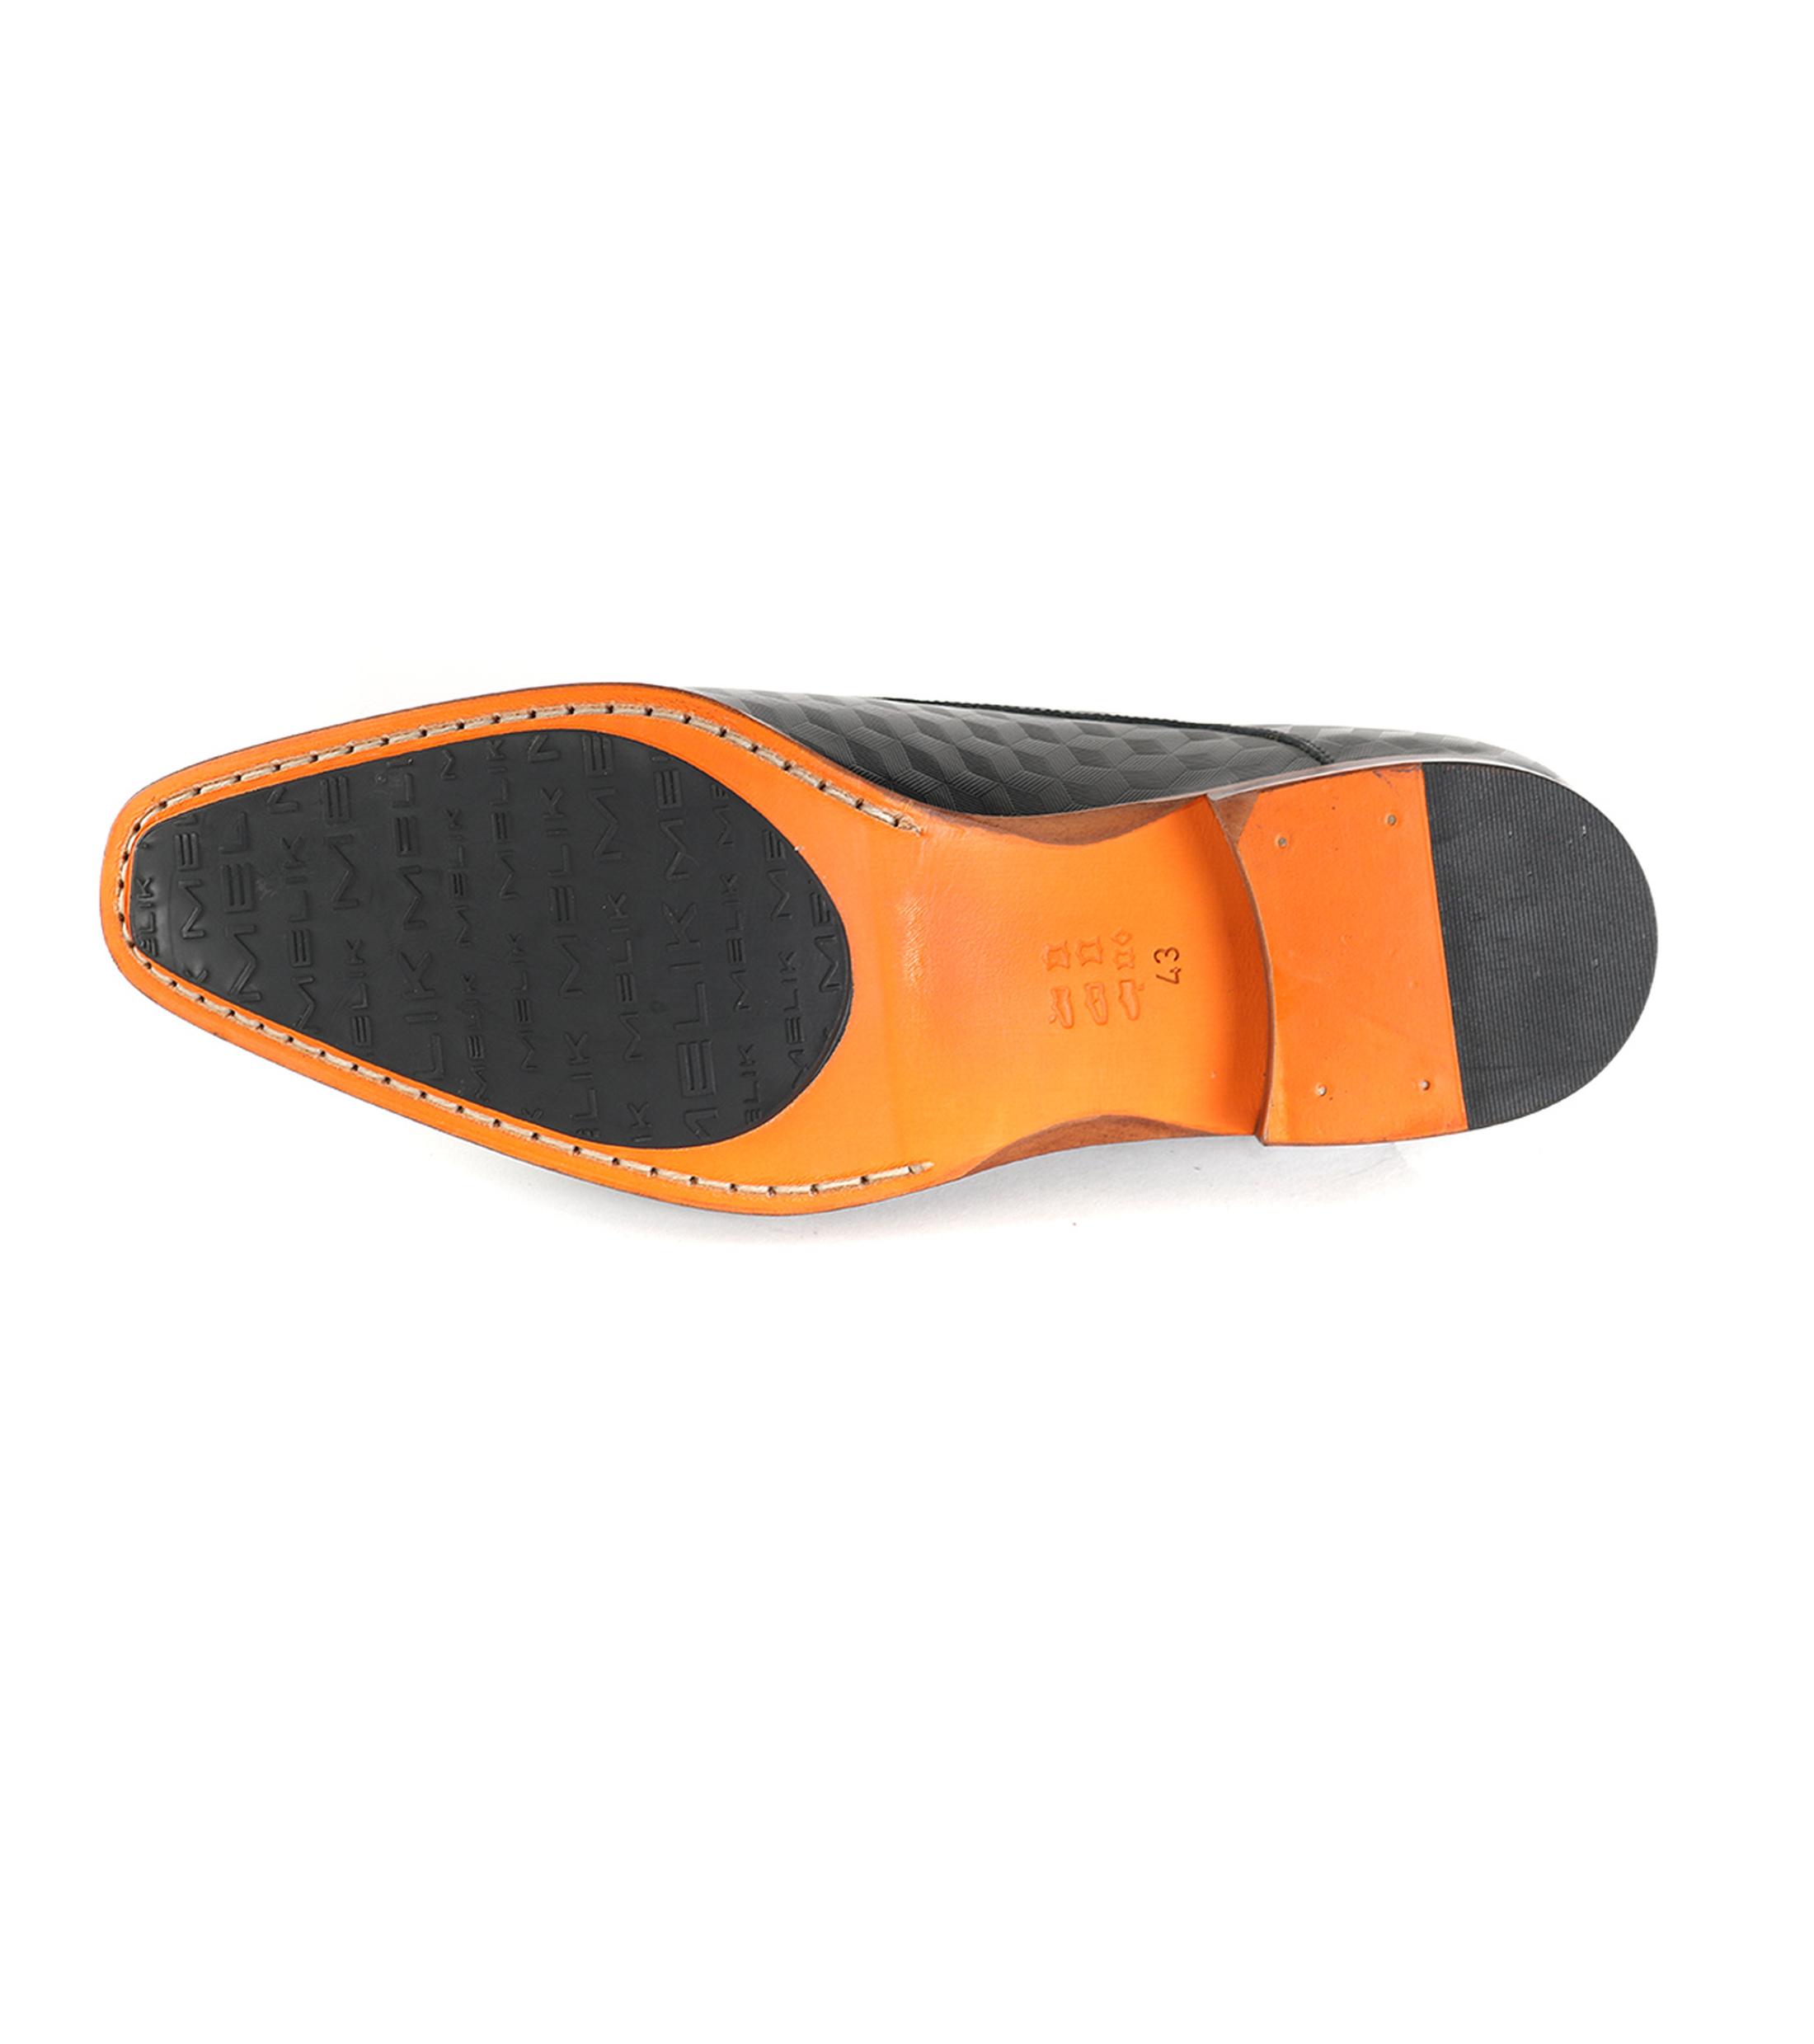 Chaussures Noires De Melik GGX4LBR